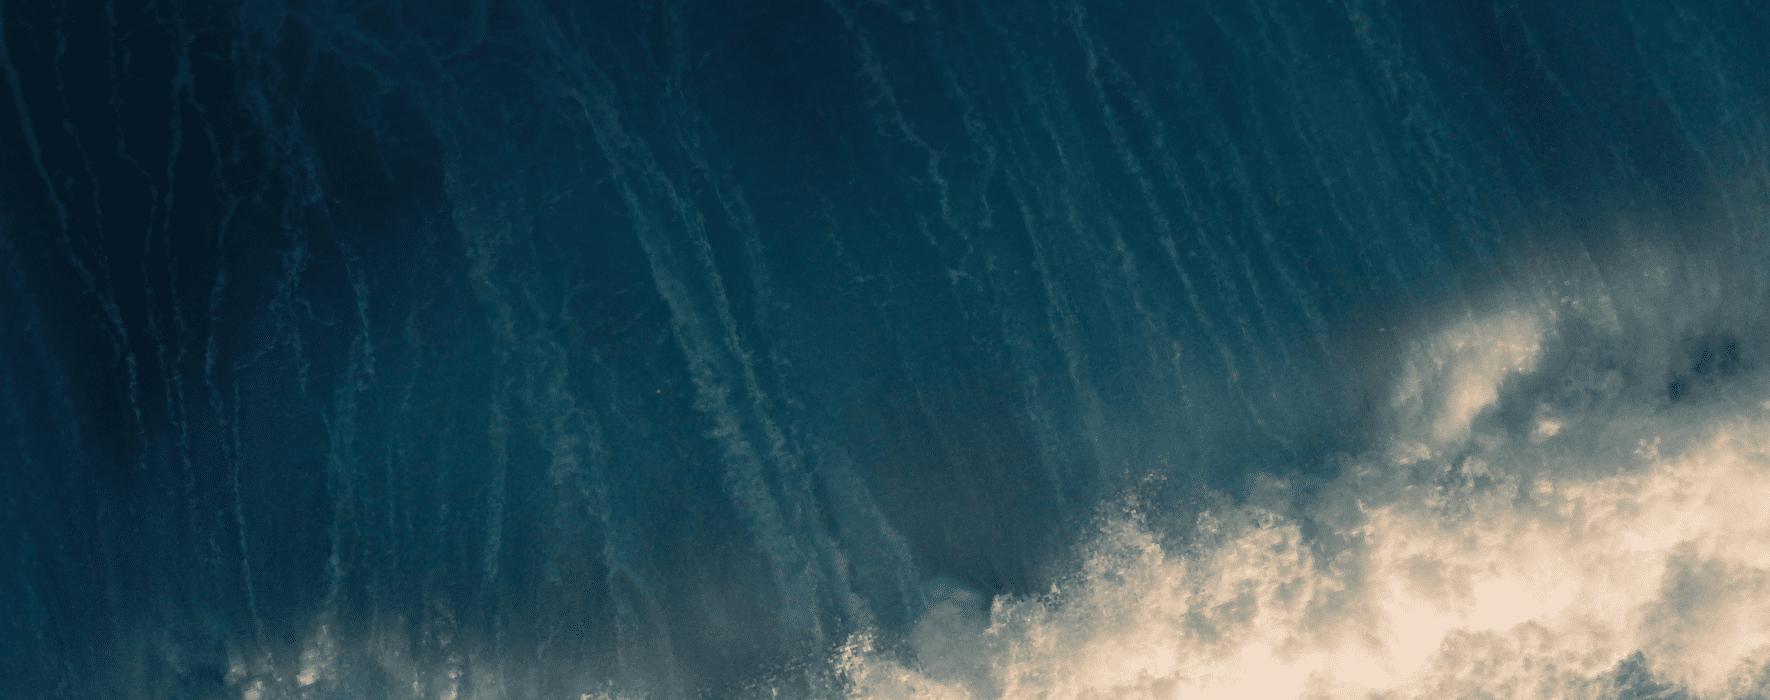 Ocean wave crashing into shore